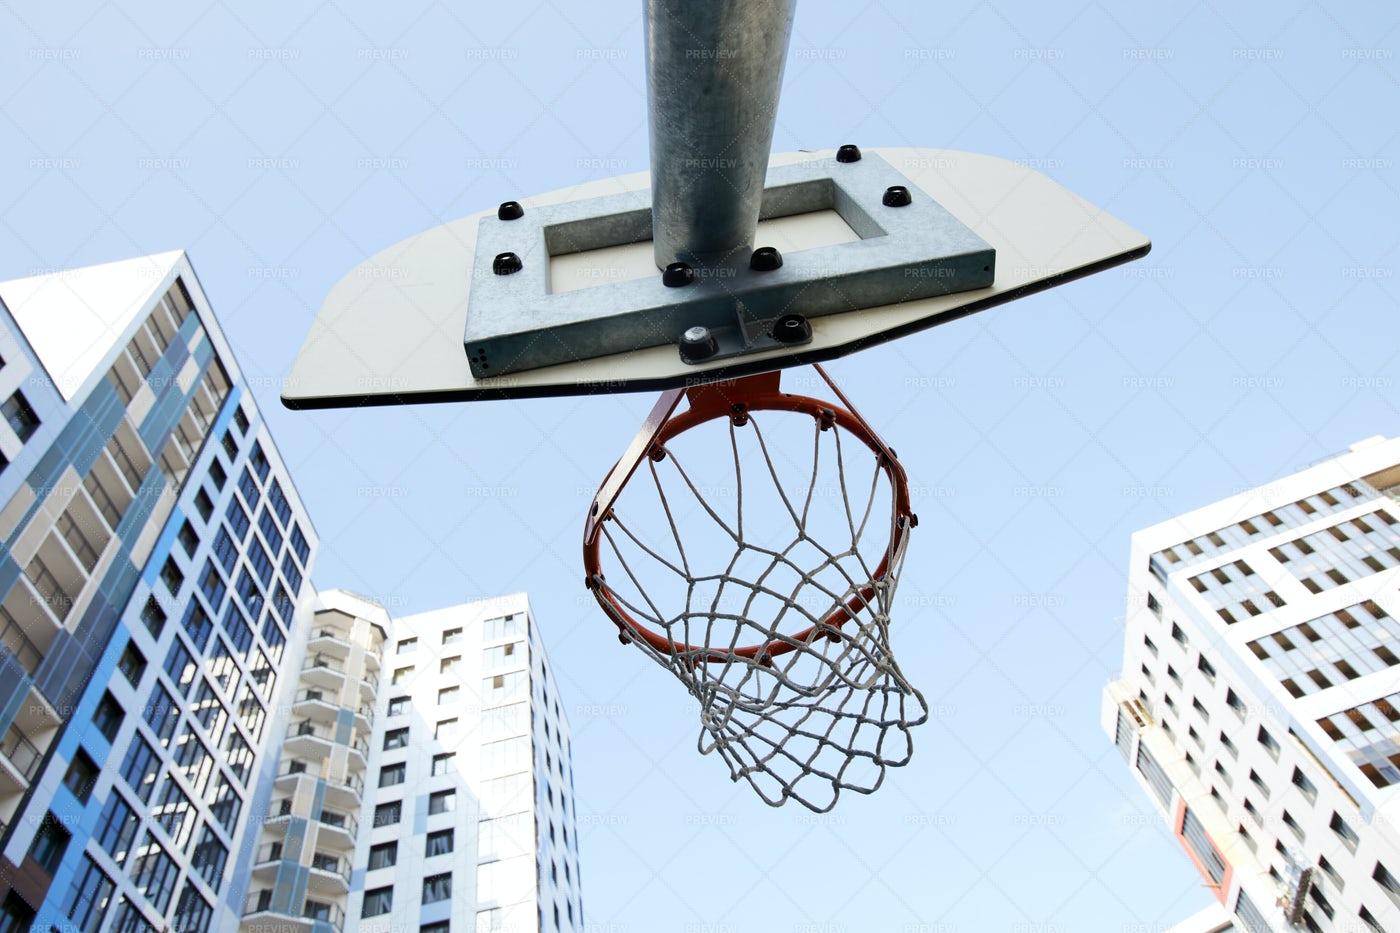 Basketball Hoop Low Angle: Stock Photos